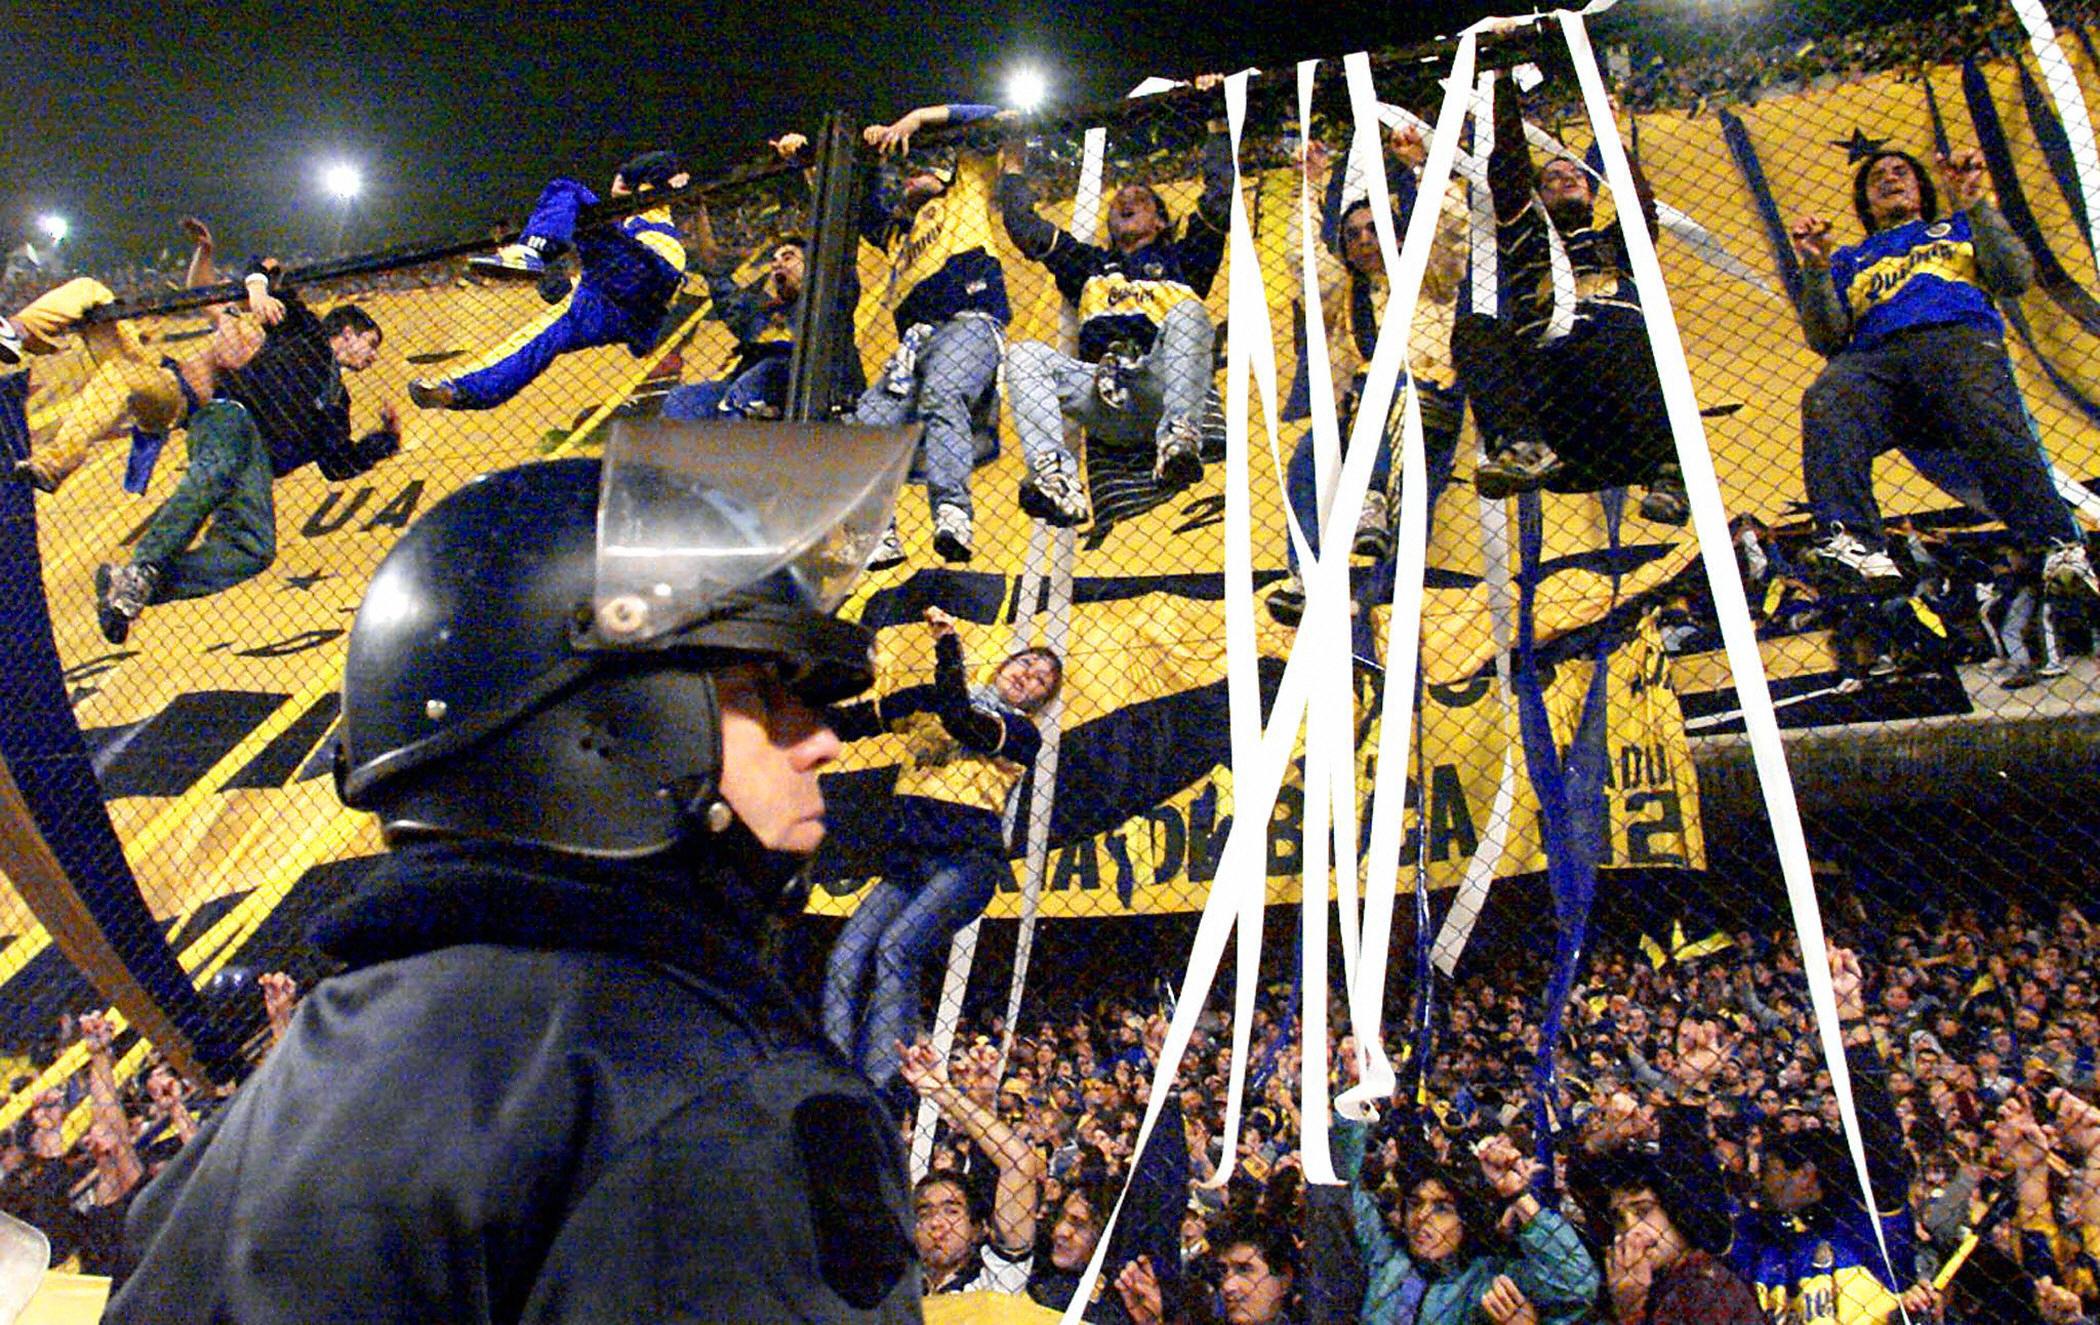 Argentin ultrák / Fotó: Sofoot.com